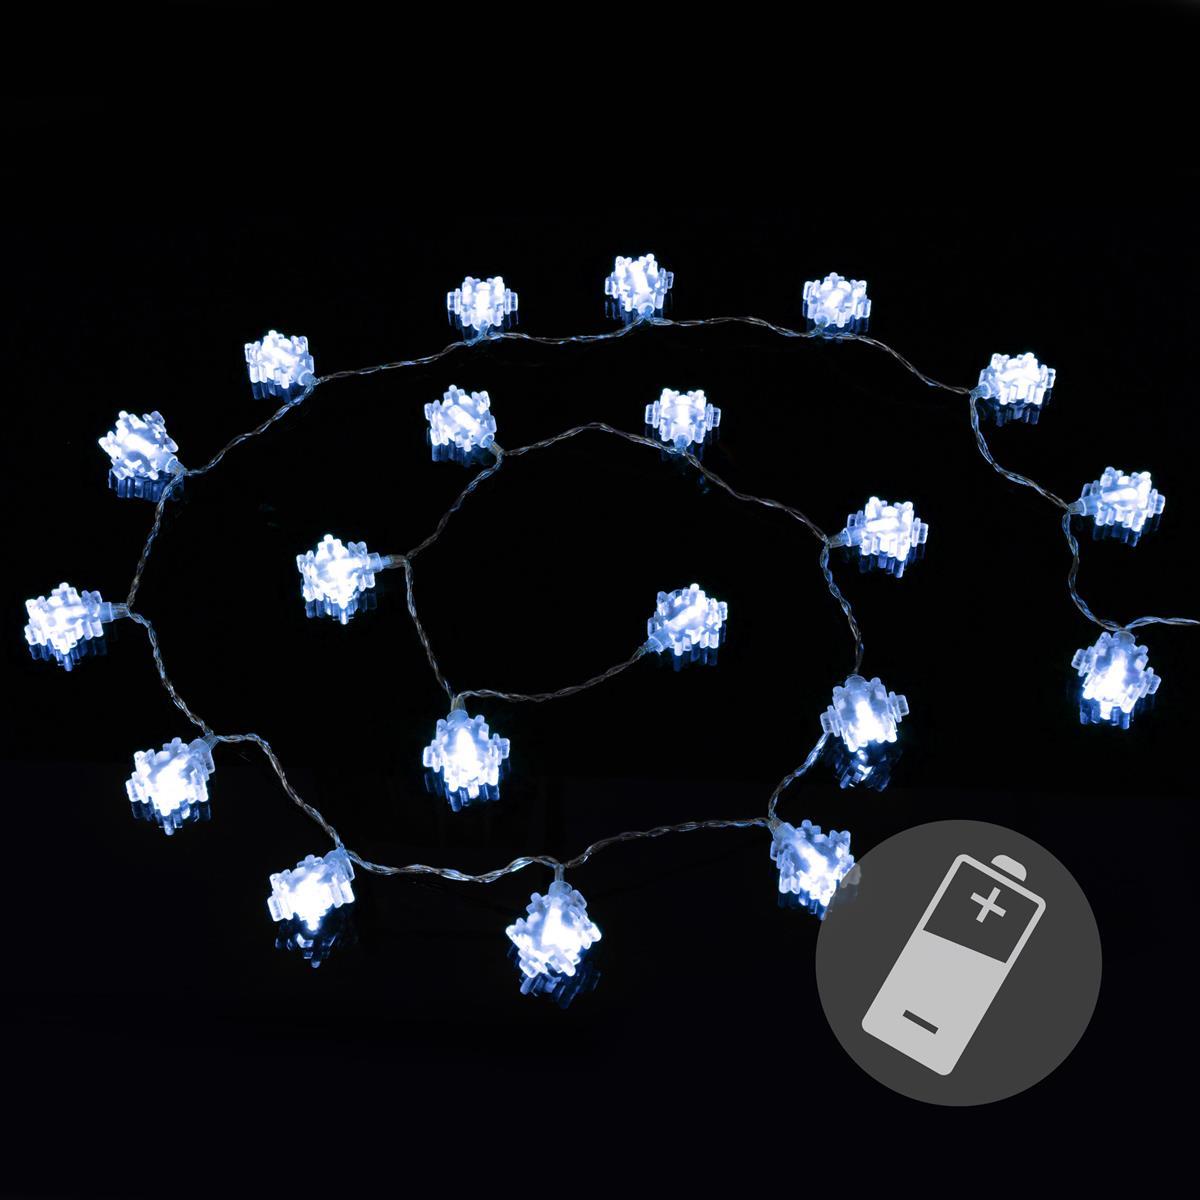 20er LED Lichterkette weiß Flocke Schneeflocke Weihnachten Deko Batterie